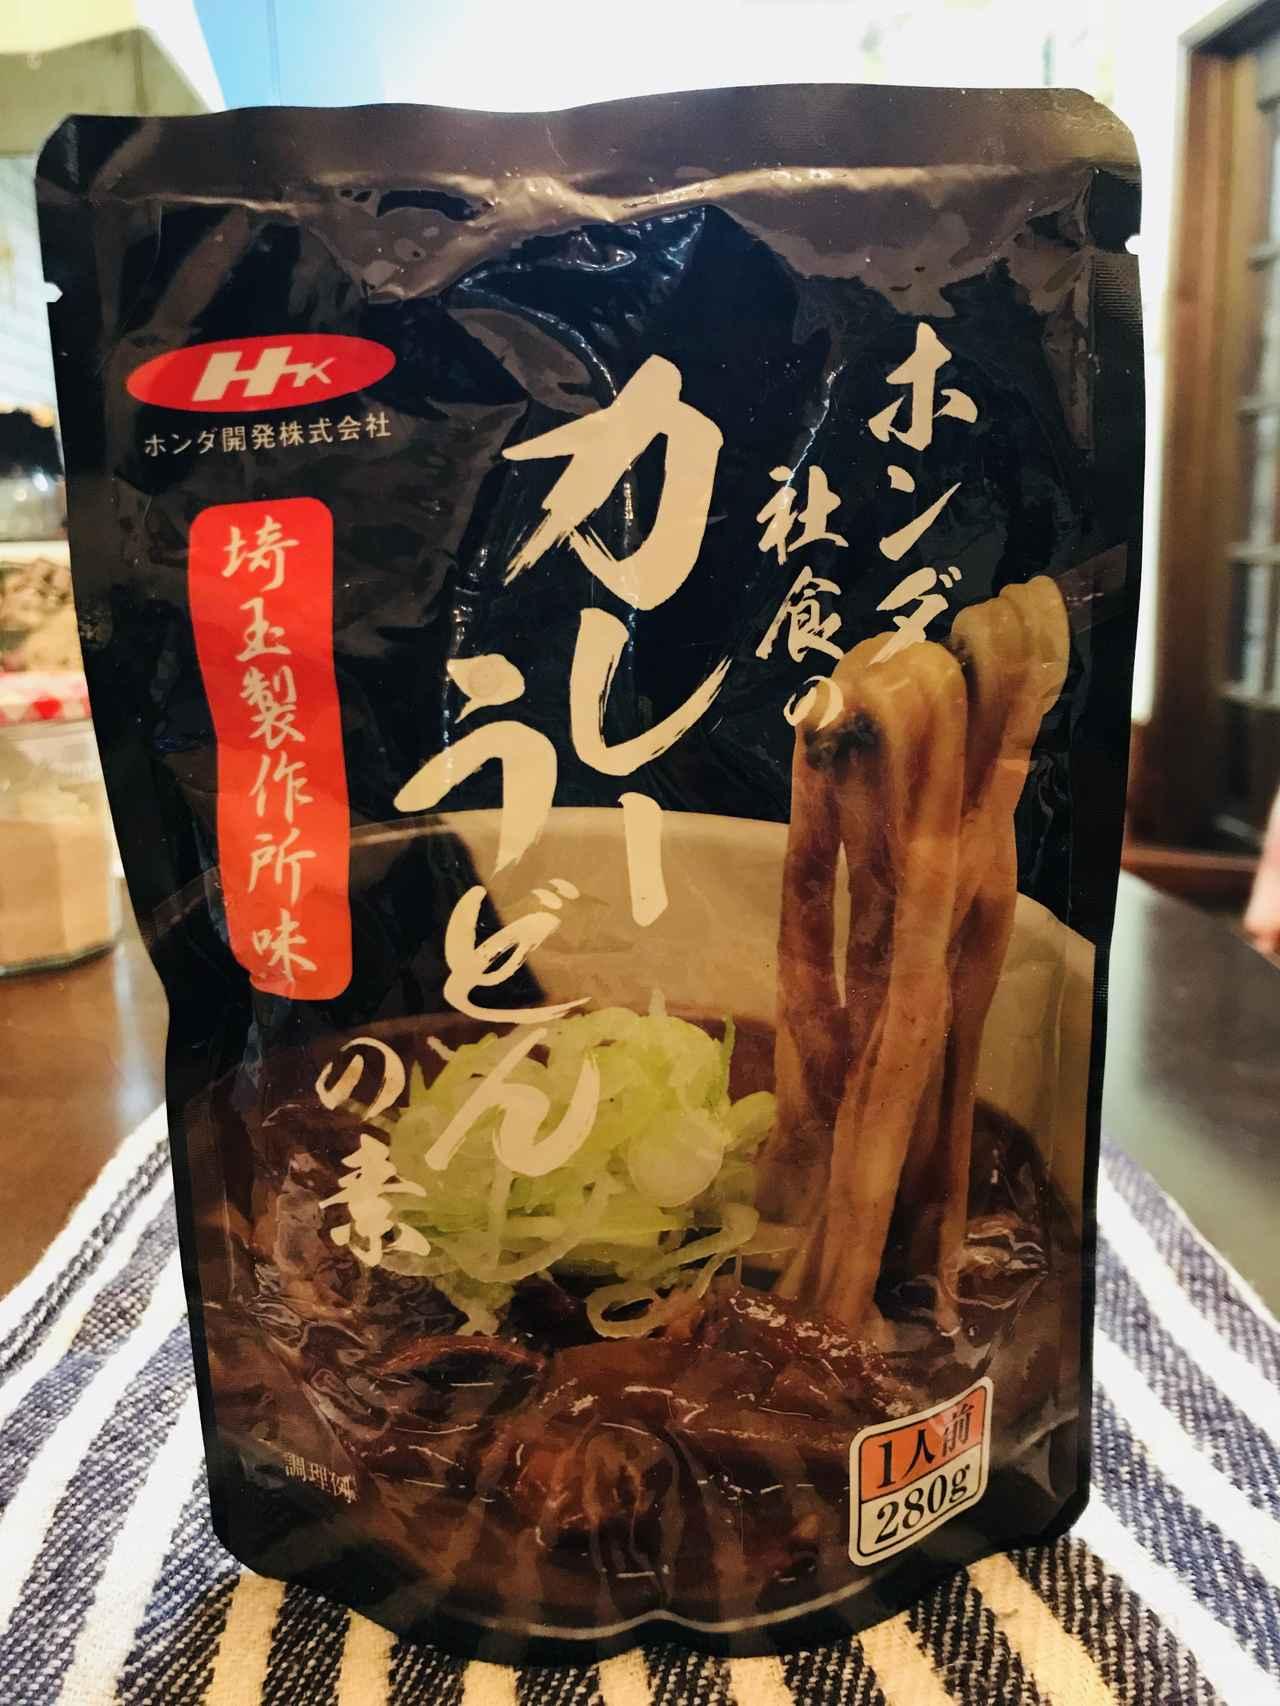 画像: じゃーん! これがウワサ? の、「ホンダ社食のカレーうどんの素 埼玉製作所味」です! ©︎みやけん